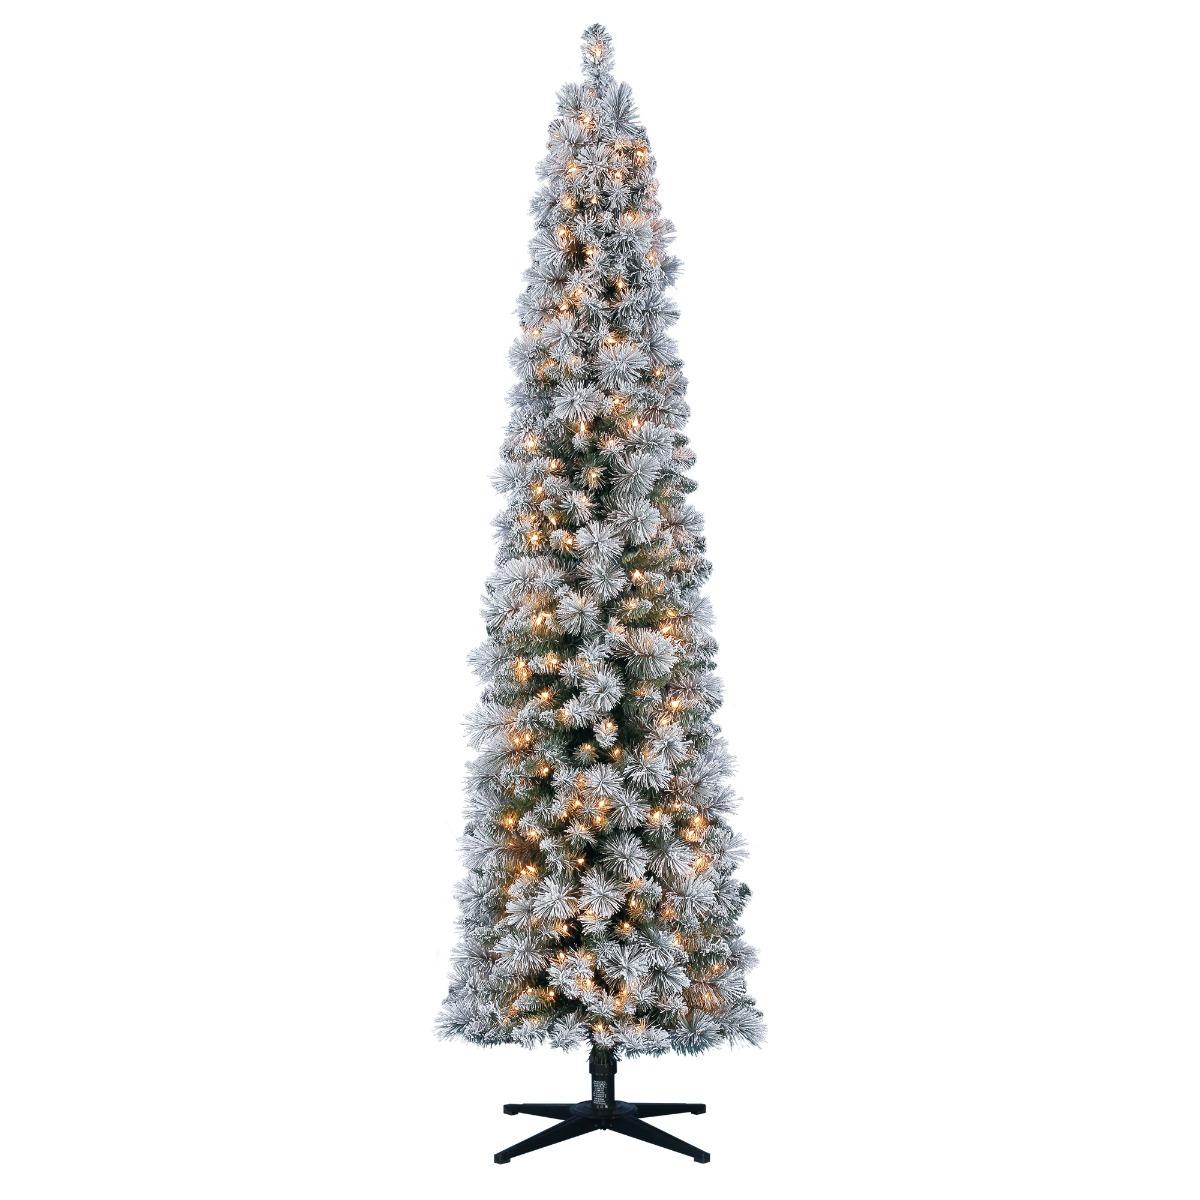 Arbol Navidad Preiluminado Luces Transparentes 2.13m - $ 3,199.00 en ...